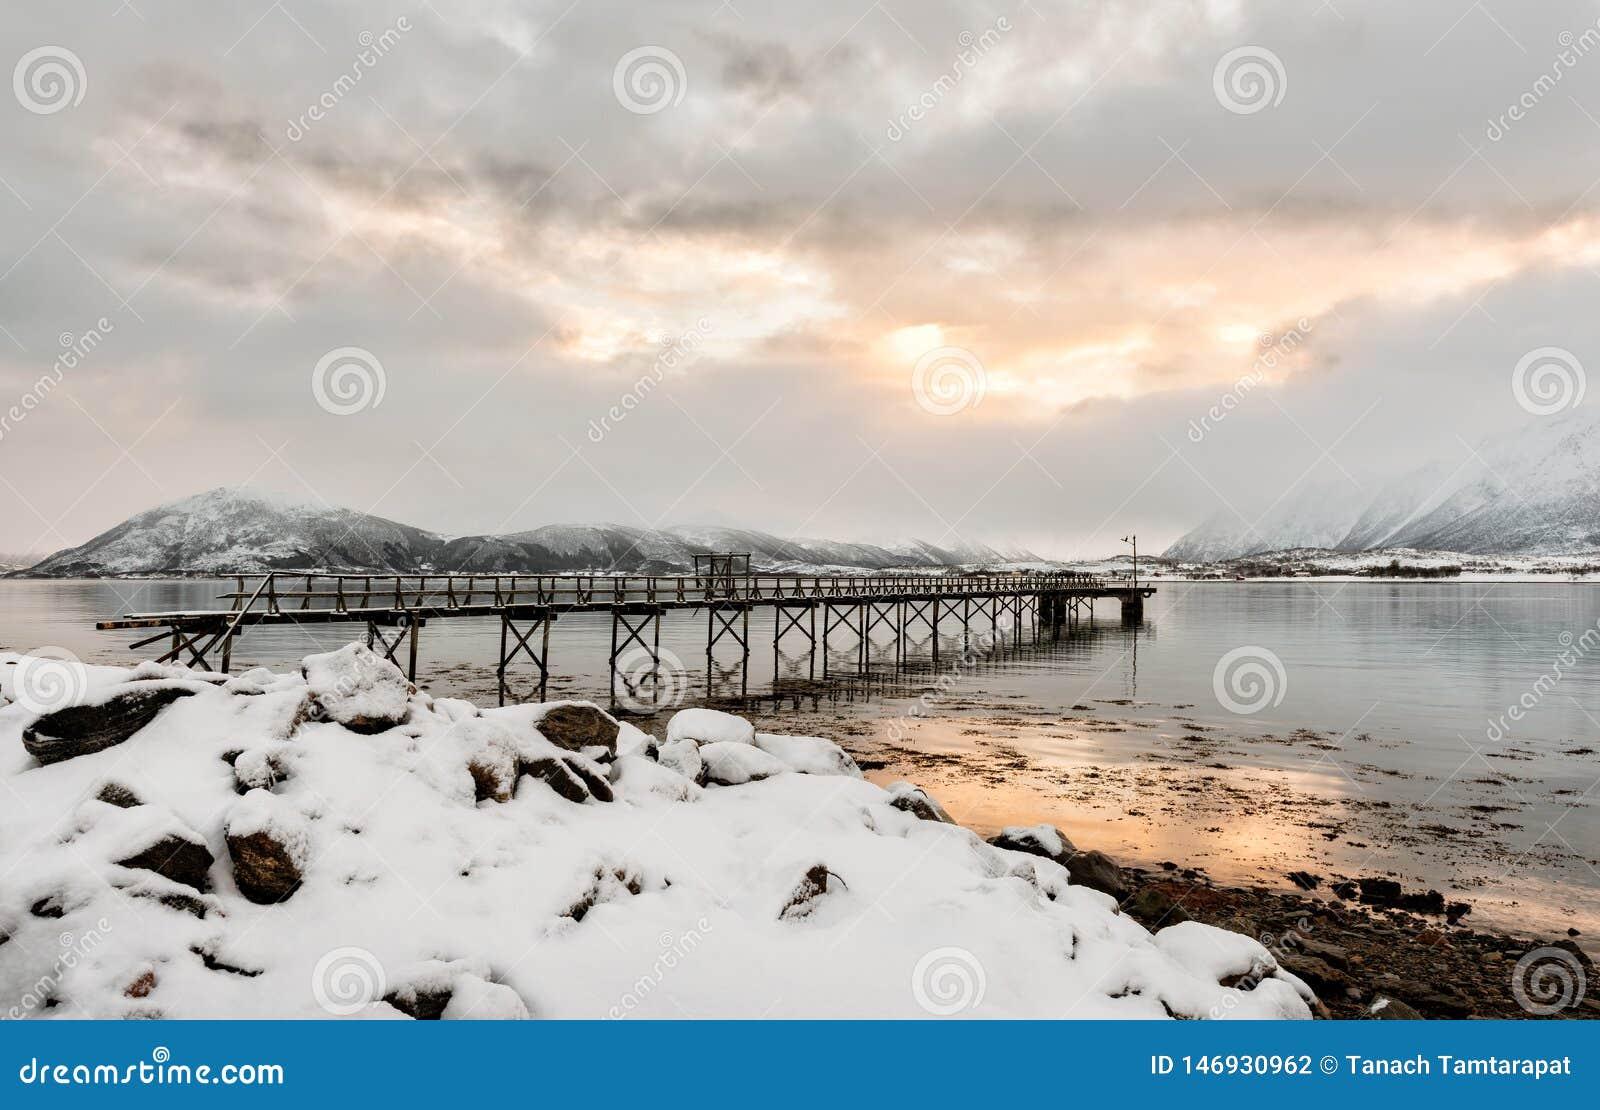 Η γέφυρα σιδήρου είναι προεξέχουσα στη θάλασσα